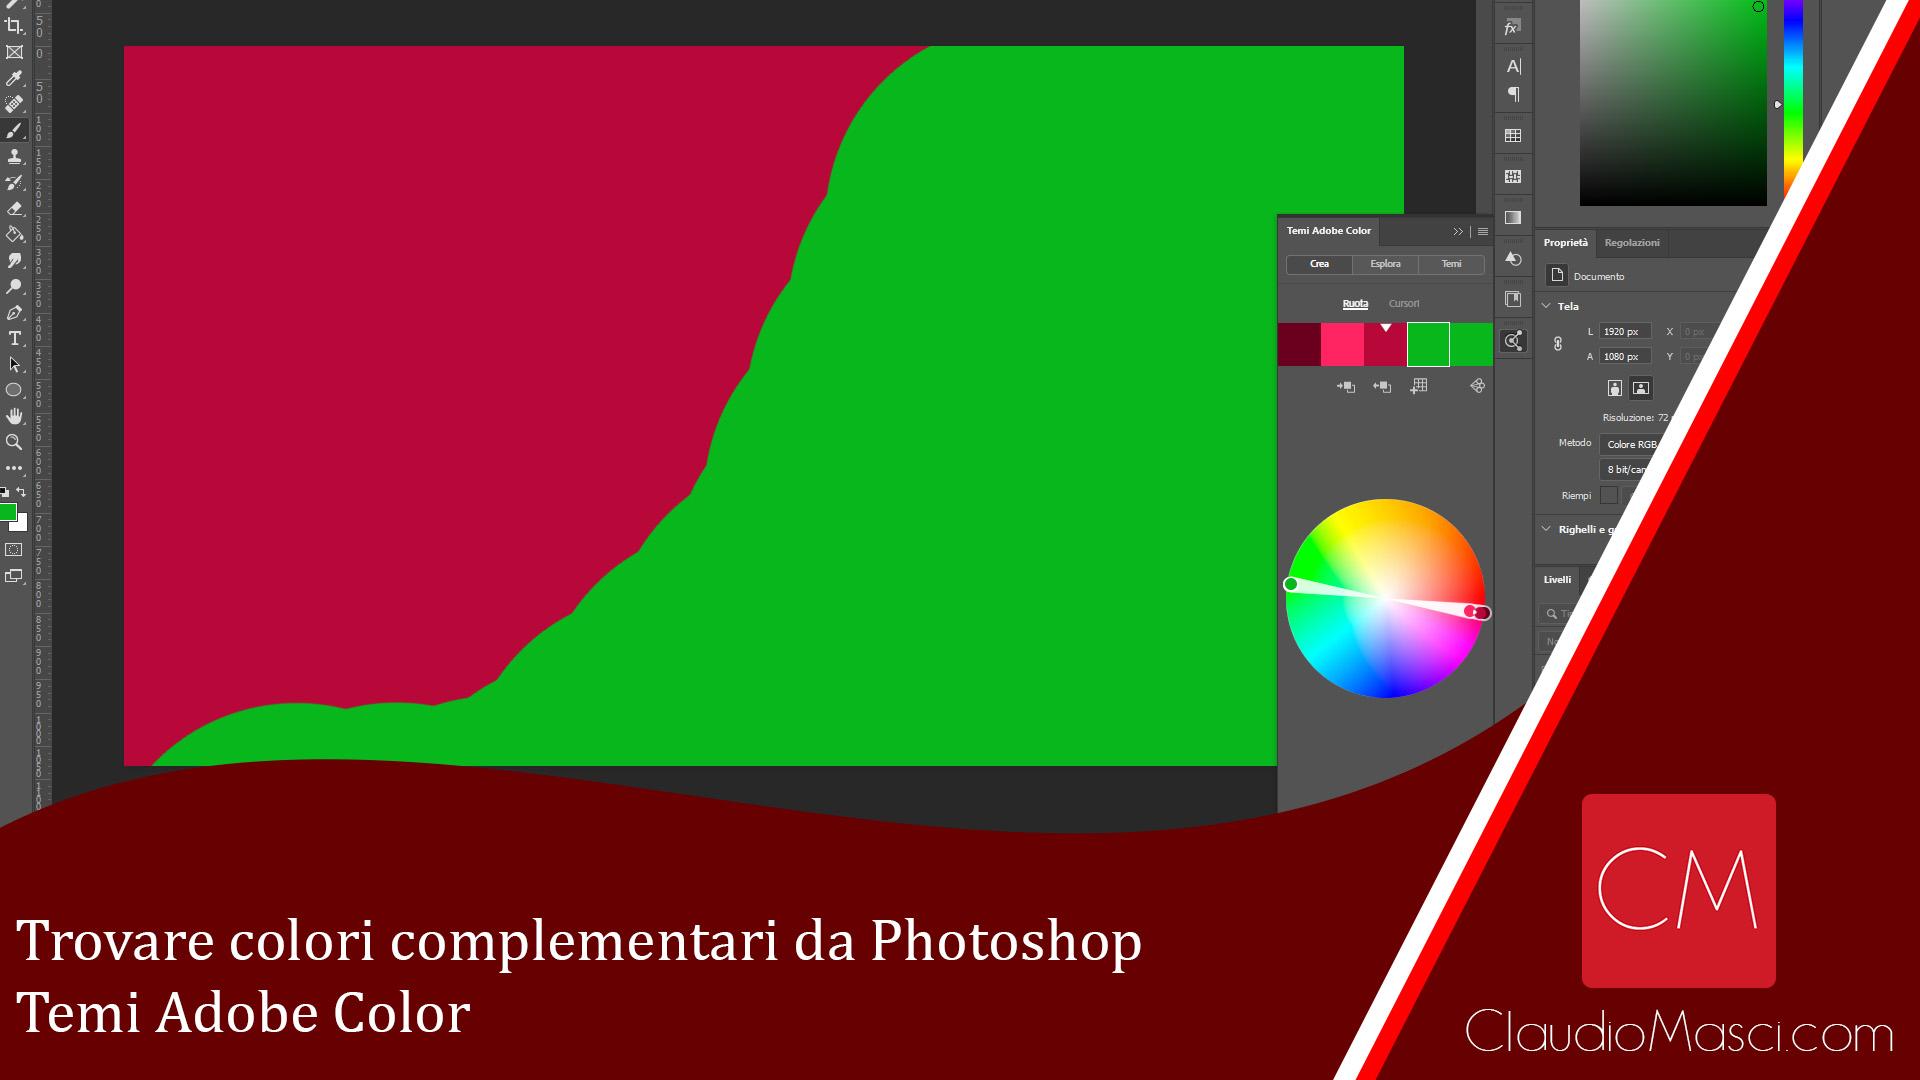 Trovare colori complementari da Photoshop – Temi Adobe Color